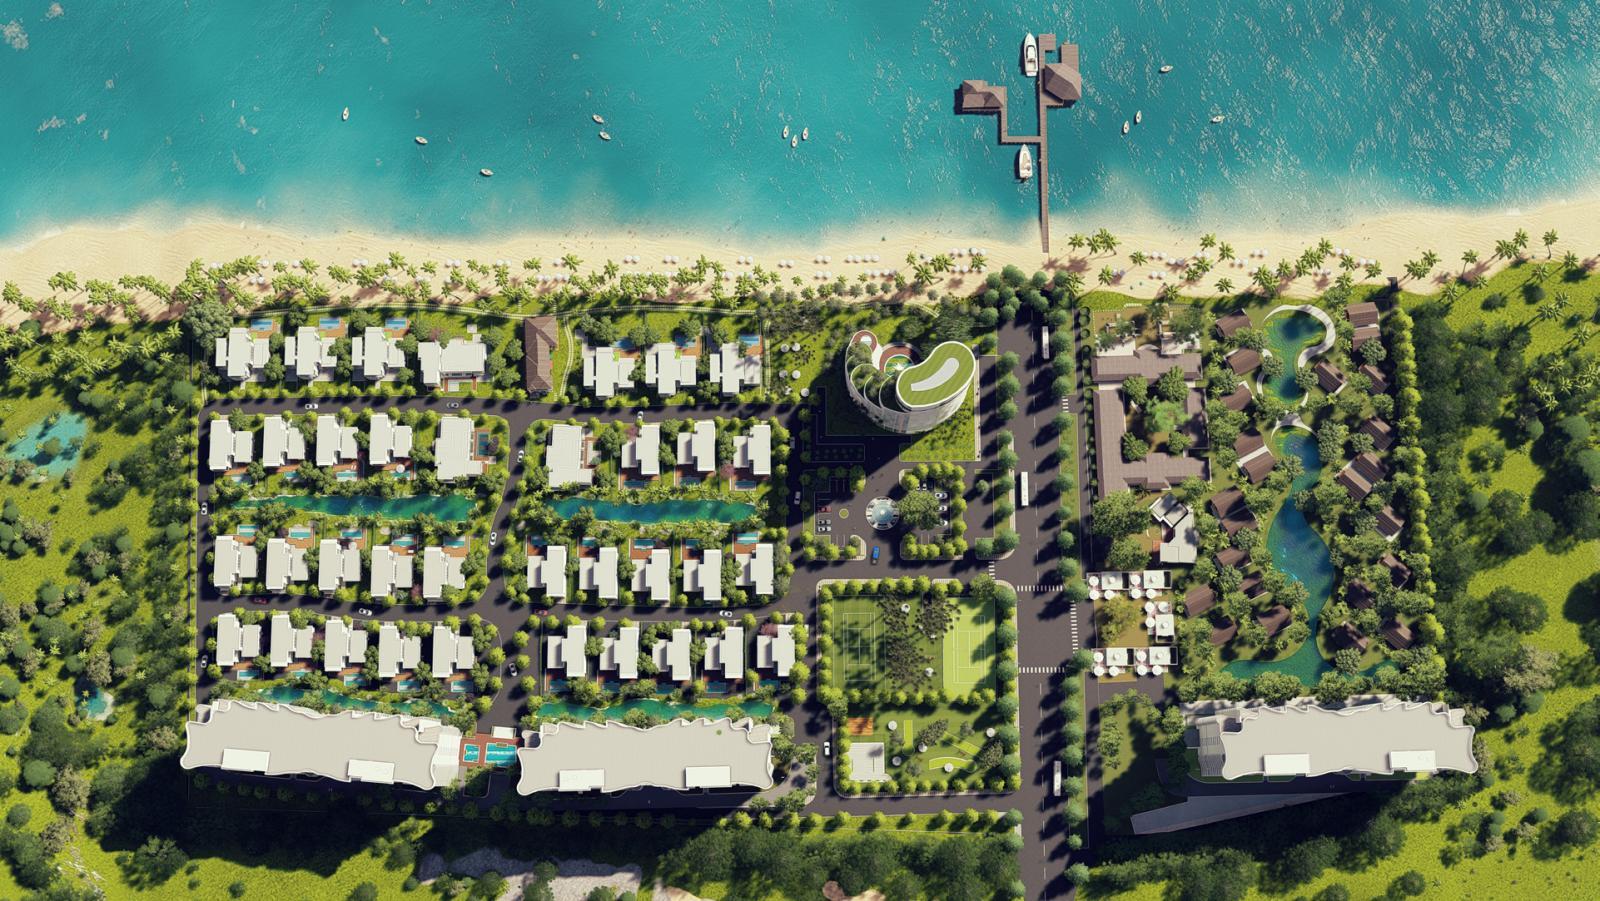 Phối cảnh một dự án bất động sản nằm sát bờ biển, xen kẽ là nhiều cây xanh